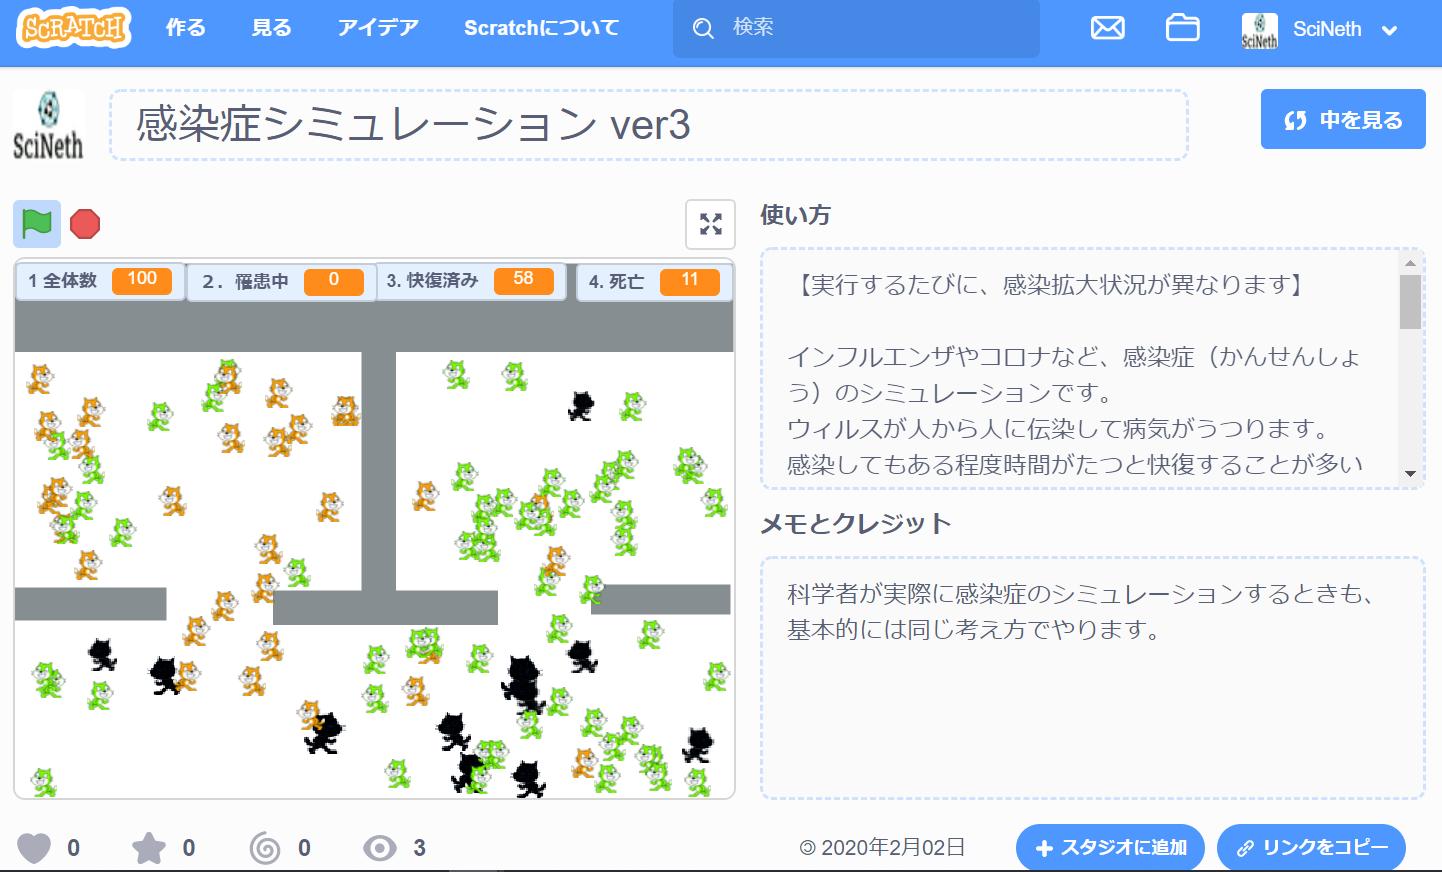 感染症シミュレーション by Scratch 3.0